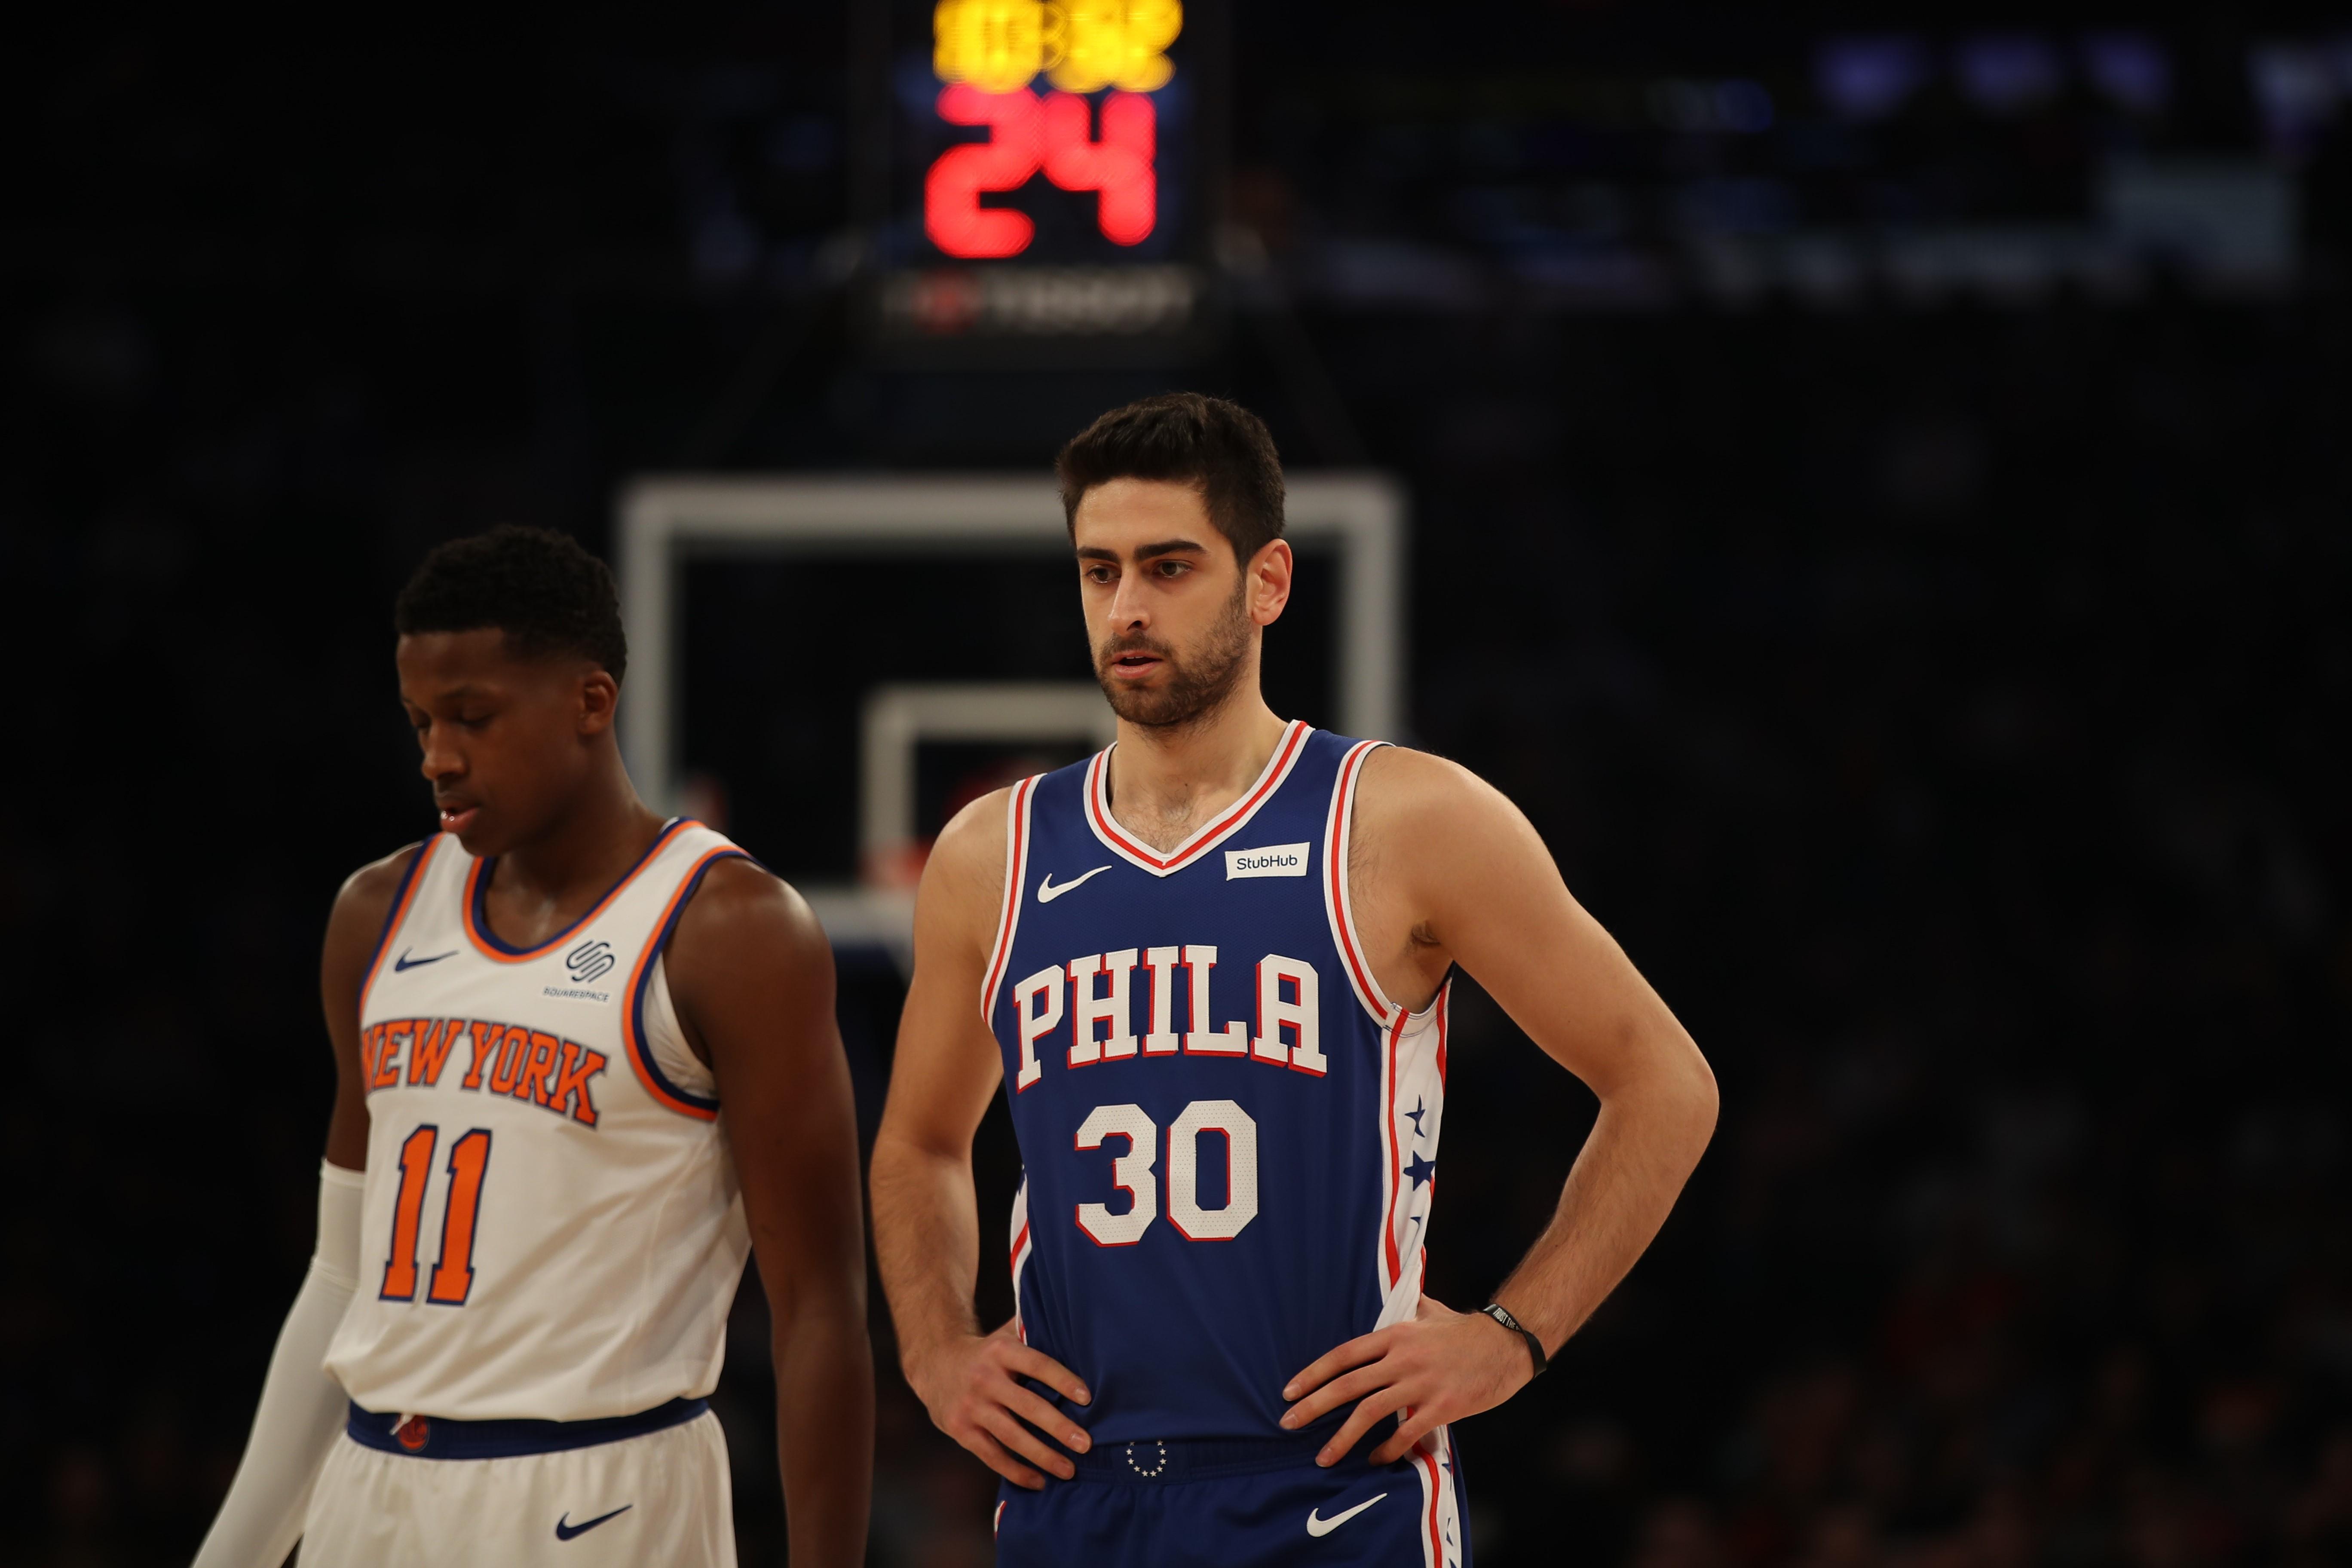 NY Knicks and Philadelphia 76ers